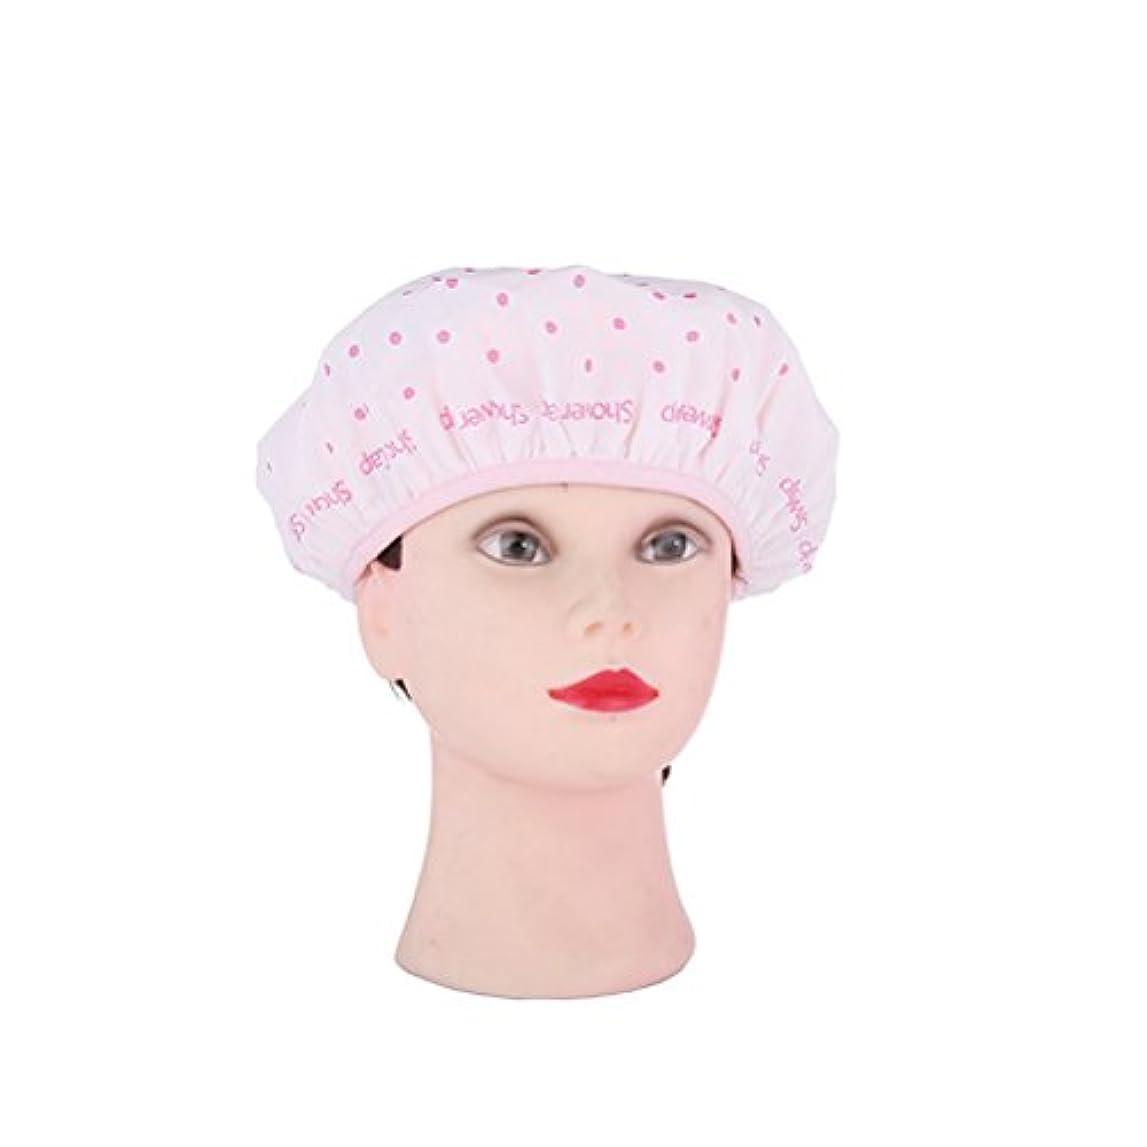 超えてボーナス焼くHEALLILY シャワーの帽子女性の子供のための防水シャワーの帽子のBathのシャワーの毛の帽子